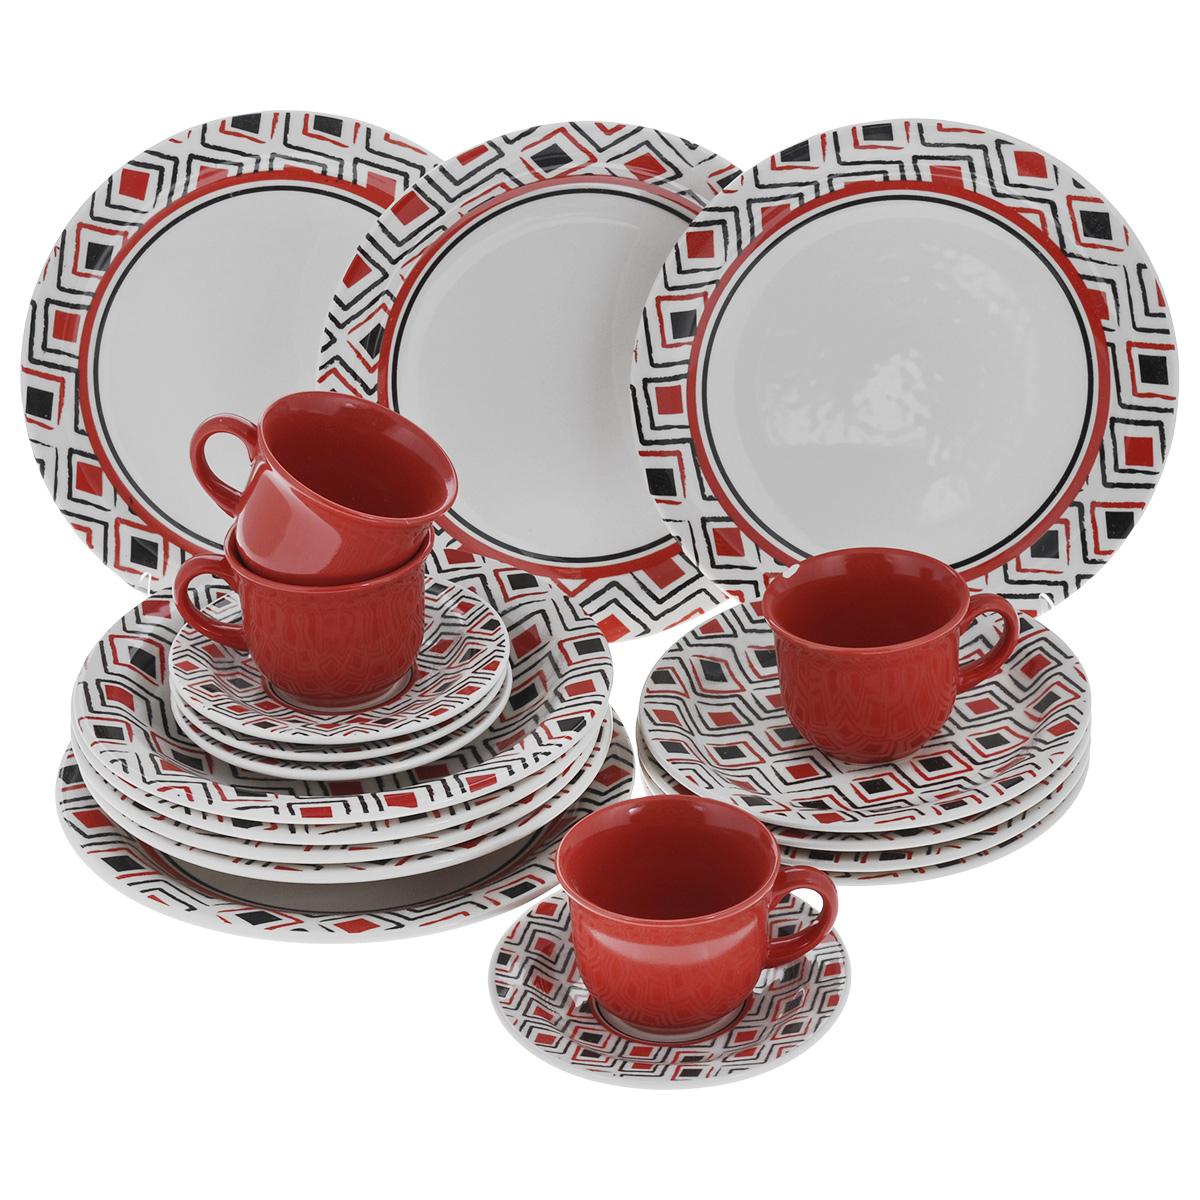 Набор столовый Biona Marajo, 20 предметов6752MARAJO-5Столовый набор Biona Marajo состоит из 4 обеденных тарелок, 4 суповых тарелок, 4 десертных тарелок, 4 блюдец и 4 кружек. Изделия выполнены из высококачественной экологически чистой керамики, которая изготавливается путем спекания глин с минеральными добавками. В качестве покрытия используется глазурь, что подтверждено сертификатами качества и соответствует всем международным санитарным нормам. Изделия оформлены красивым геометричным рисунком, который наносится исключительно вручную.Еще одной особенностью марки является использование экологически чистой упаковки - эксклюзивный деревянный ящик с соломой внутри.Посуда легко моется в посудомоечных машинах, термостойкая (пищу можно подогреть в микроволновой печи, в духовом шкафу).Диаметр обеденной тарелки: 26 см.Диаметр суповой тарелки: 23 см.Диаметр десертной тарелки: 20 см.Диаметр блюдца: 15 см.Объем чашки: 200 мл.Диаметр чашки (по верхнему краю): 9 см.Высота чашки: 7 см.